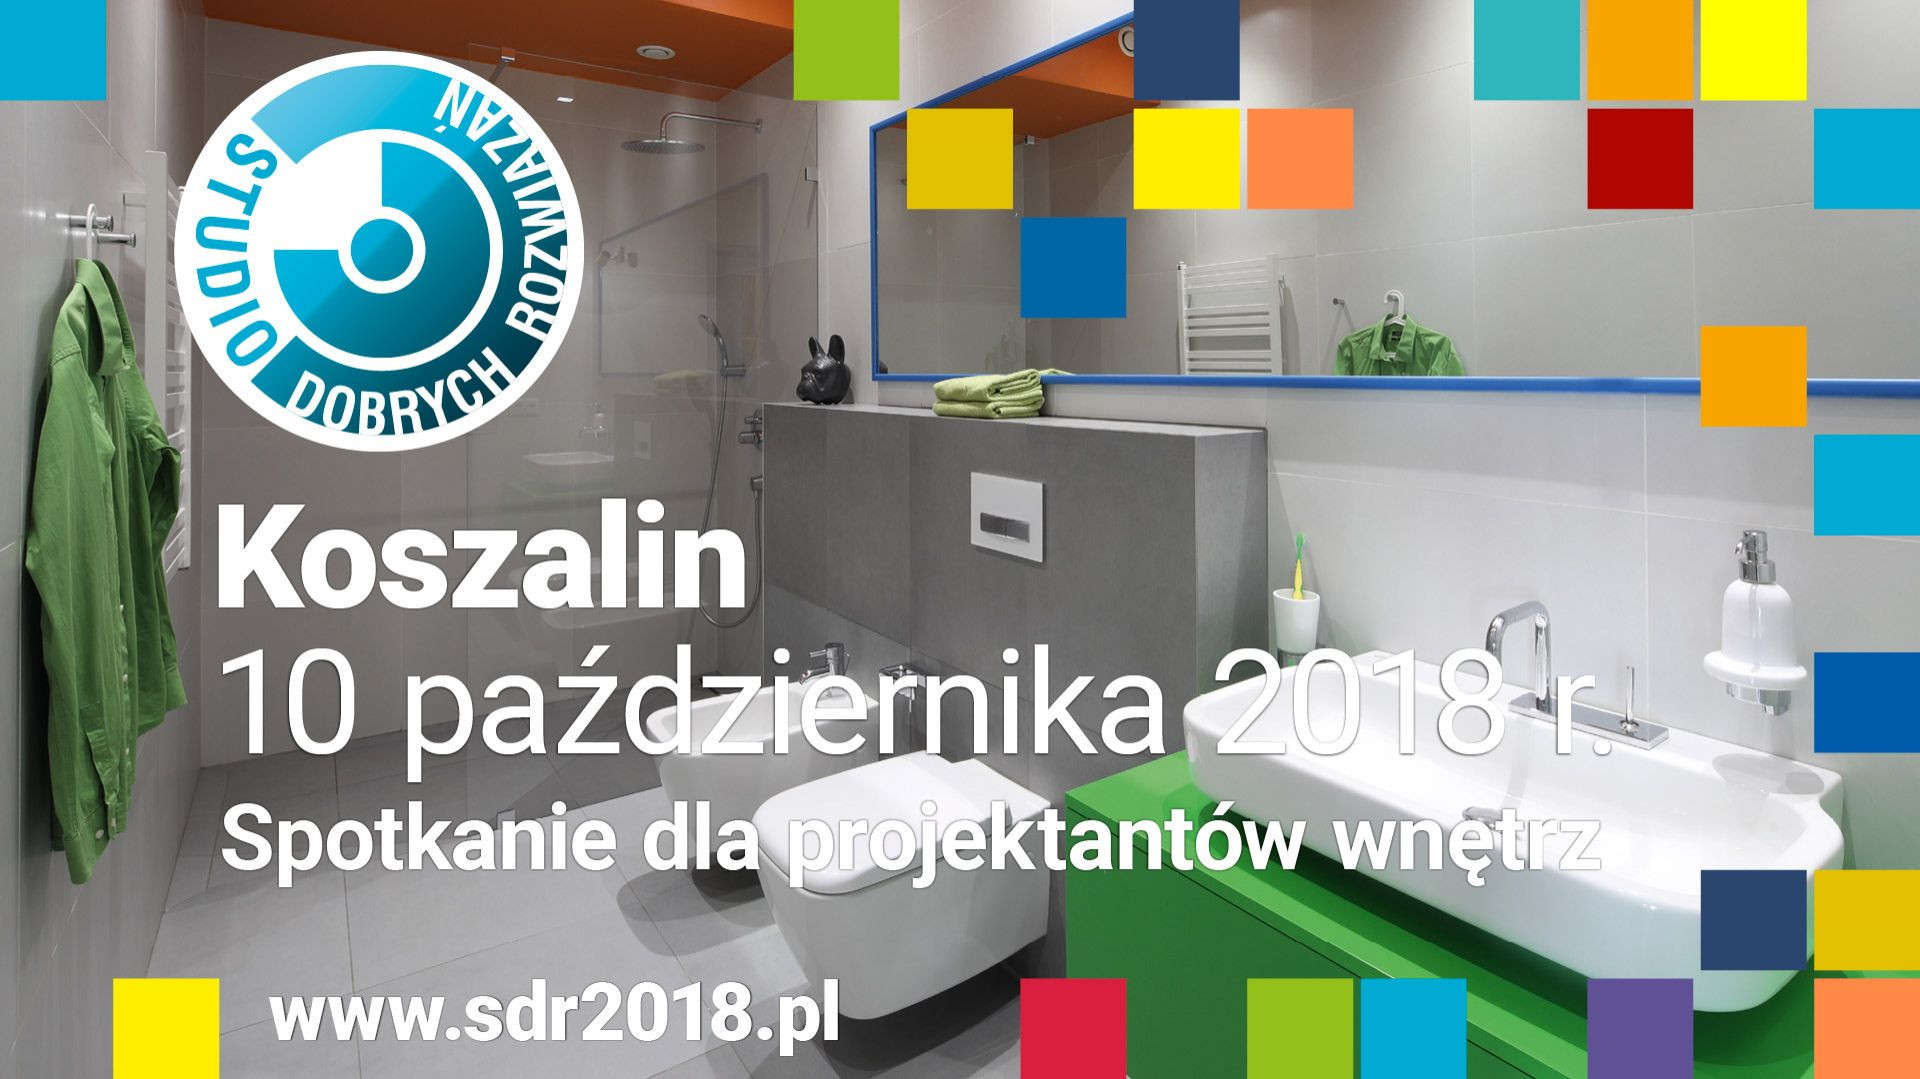 Studio Dobrych Rozwiązań 10 października zawita do Koszalina.